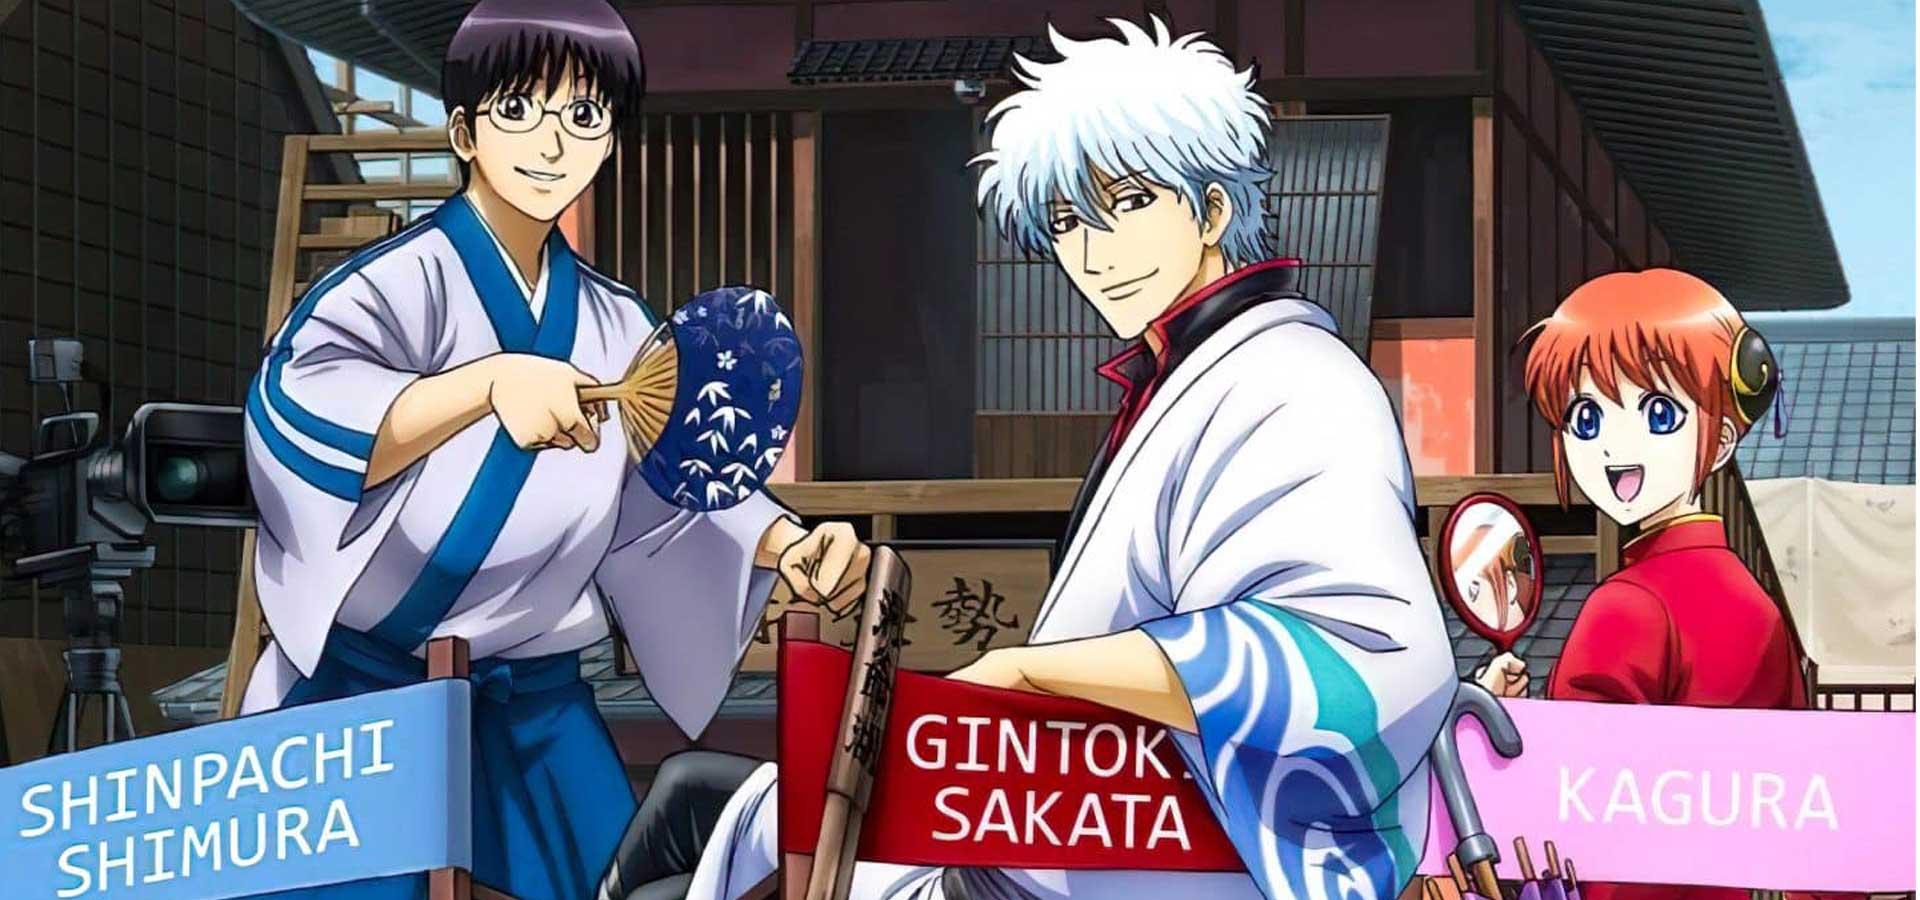 Un trailer du nouveau film Gintama The Final enfin disponible